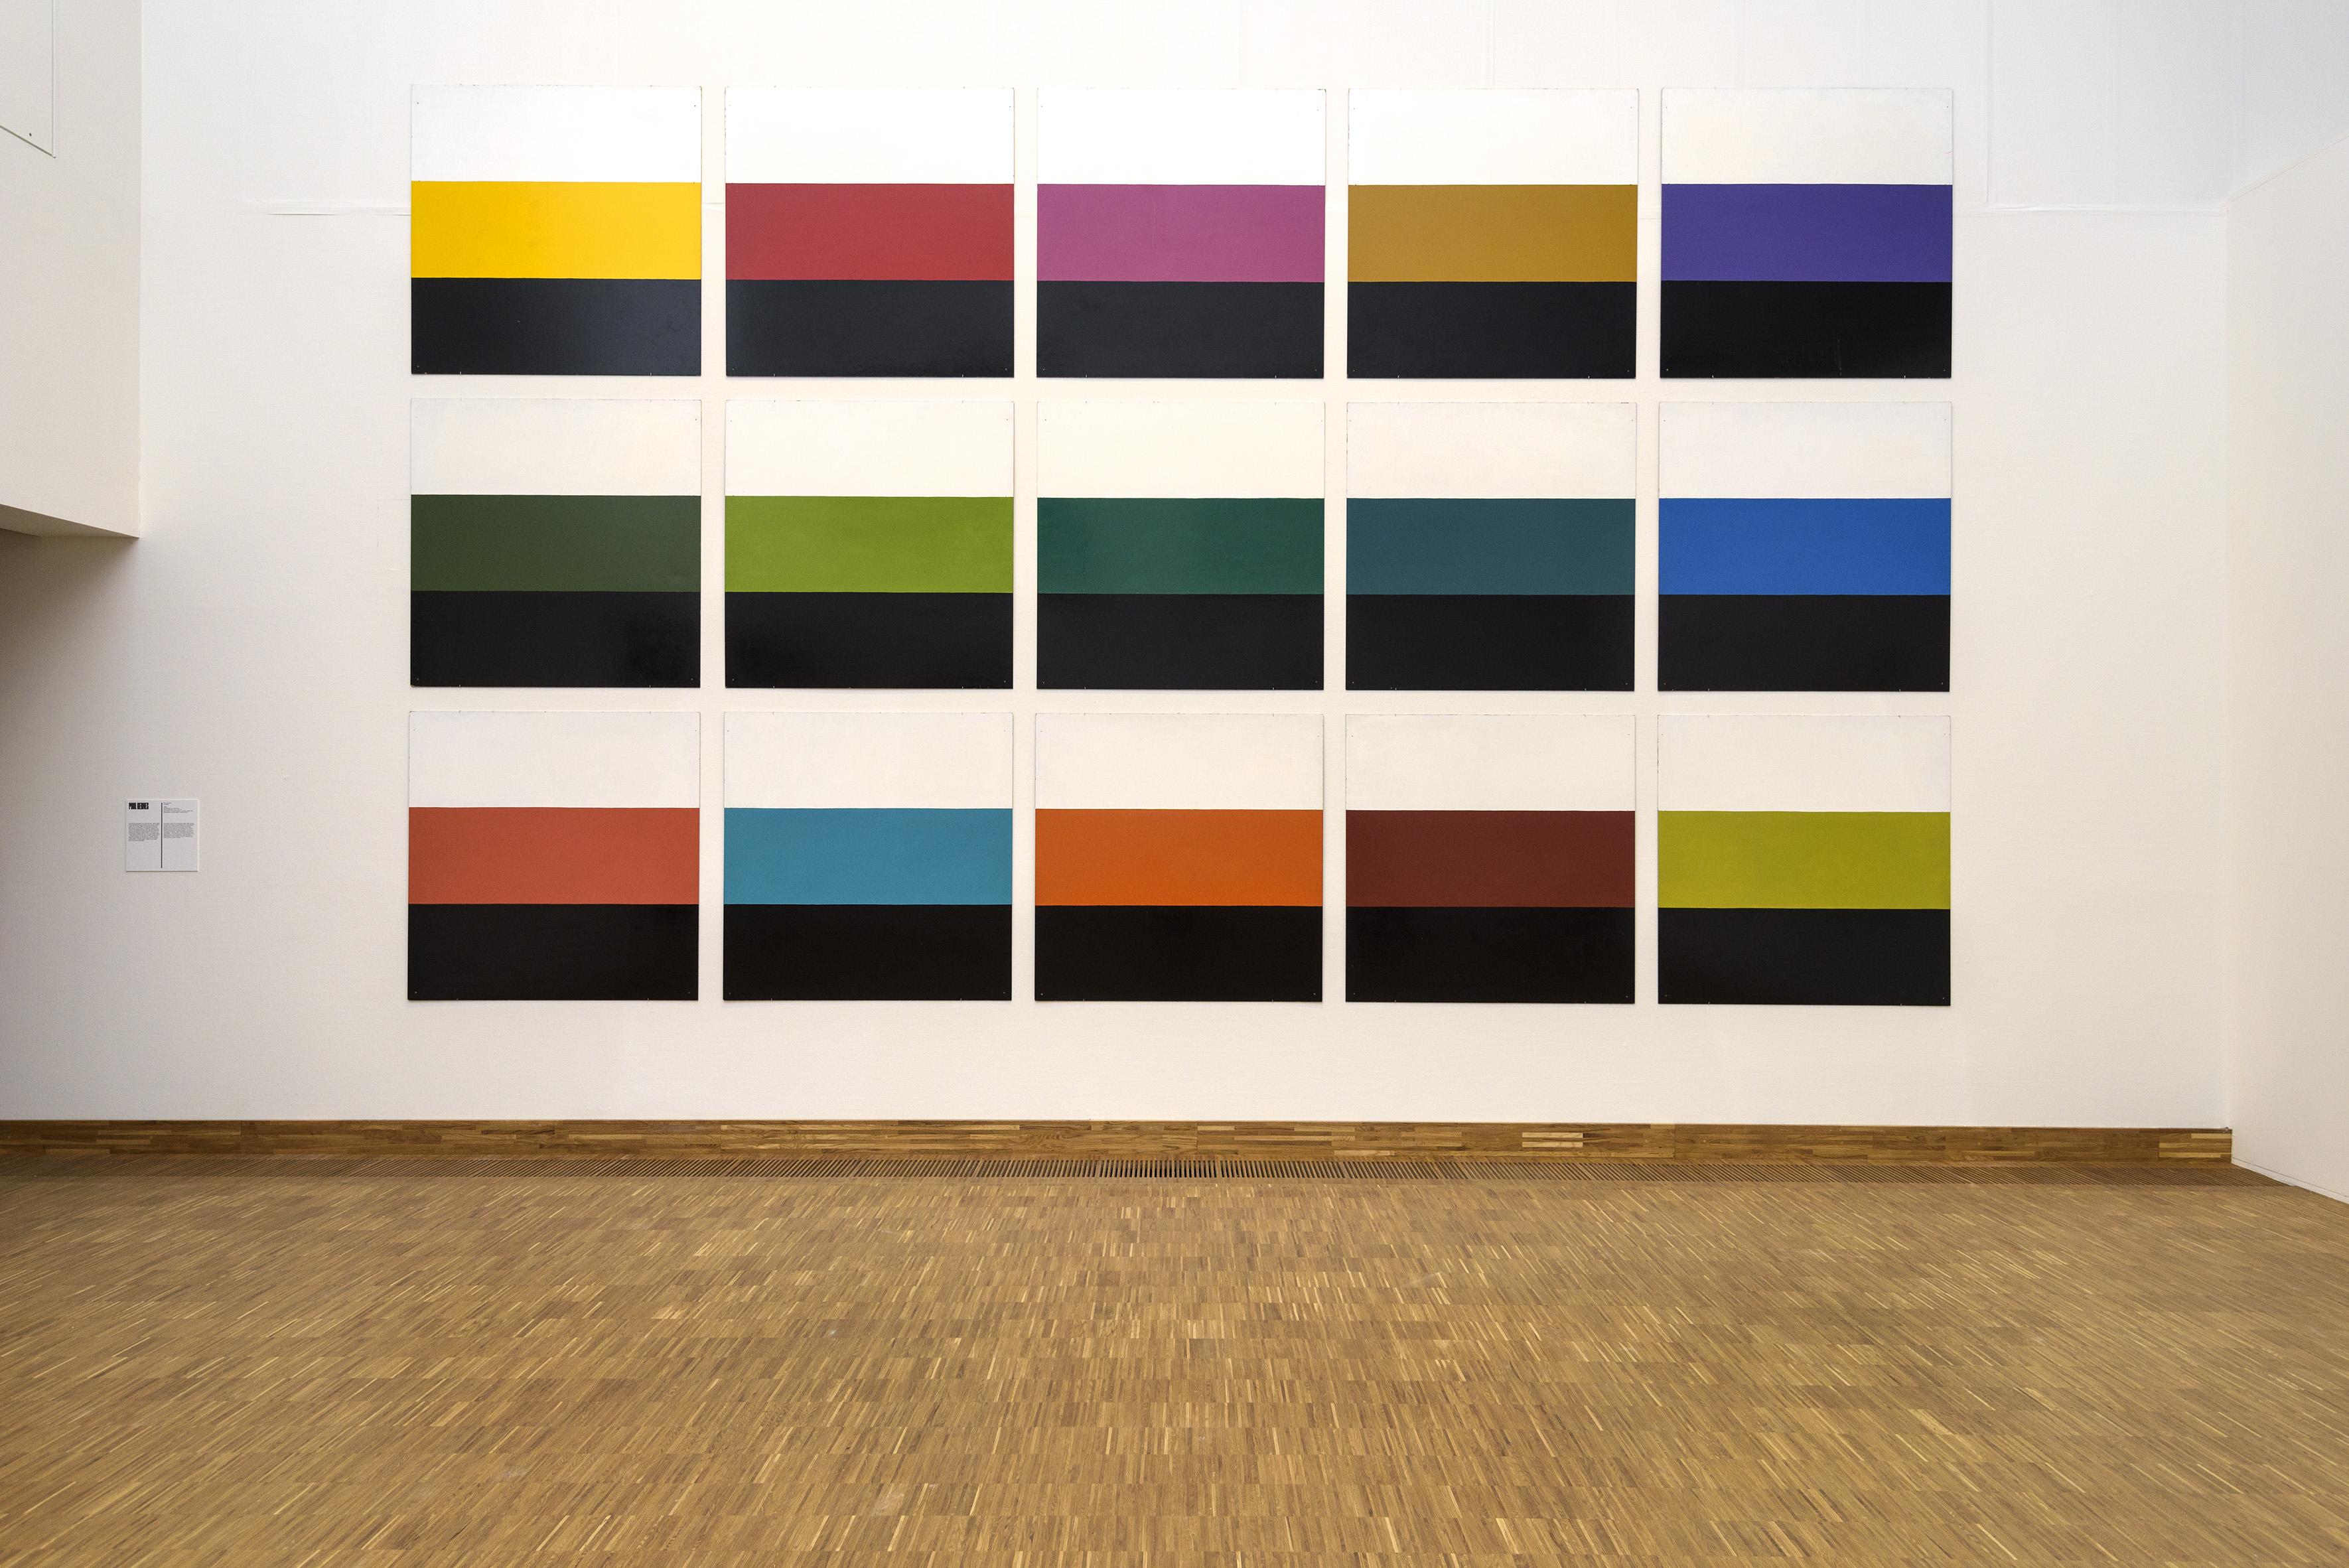 Poul Gernes, Untitled, 1965, emailleverf op masoniet